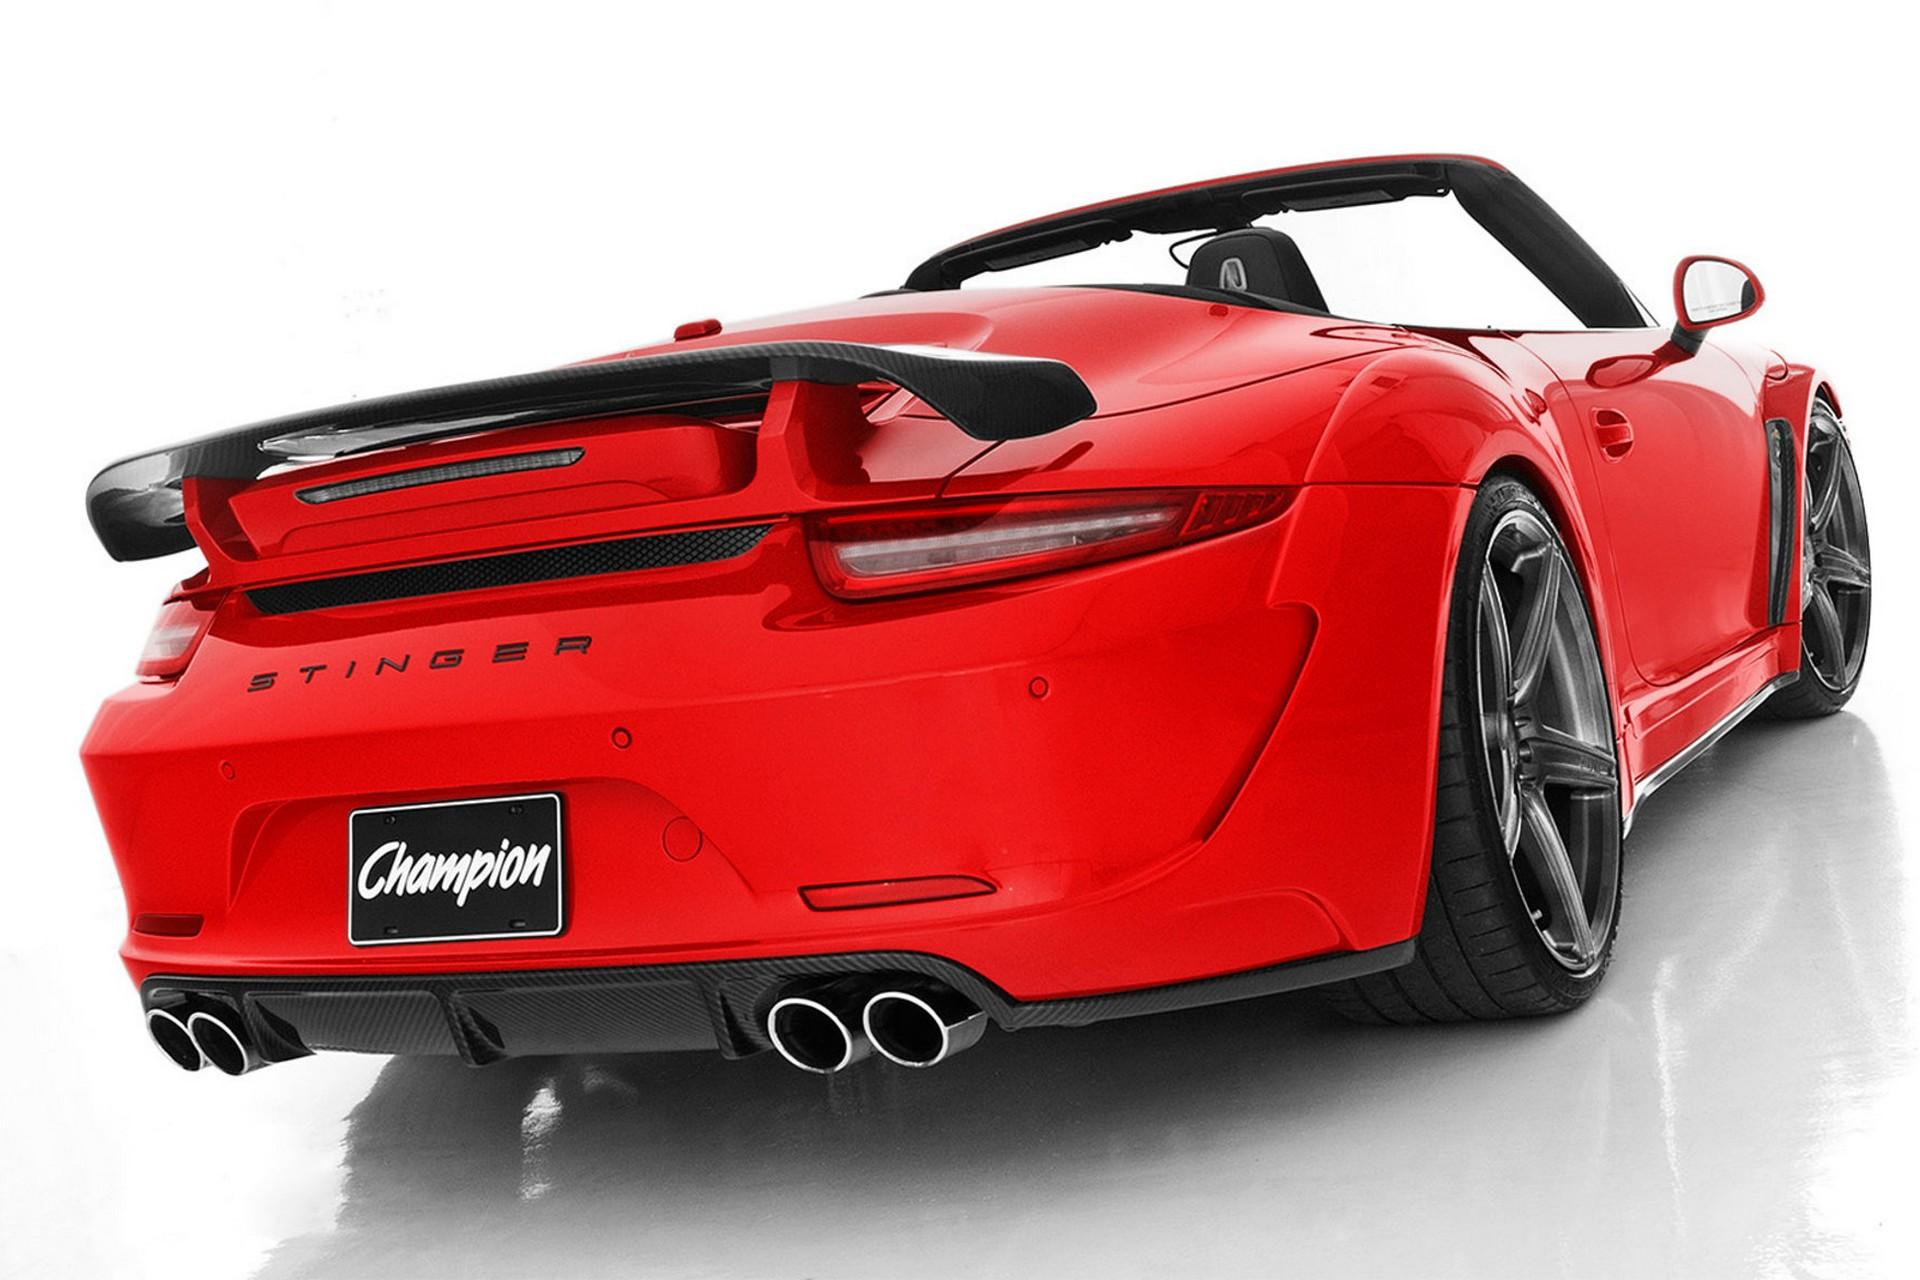 Porsche 911 Champion Topcar